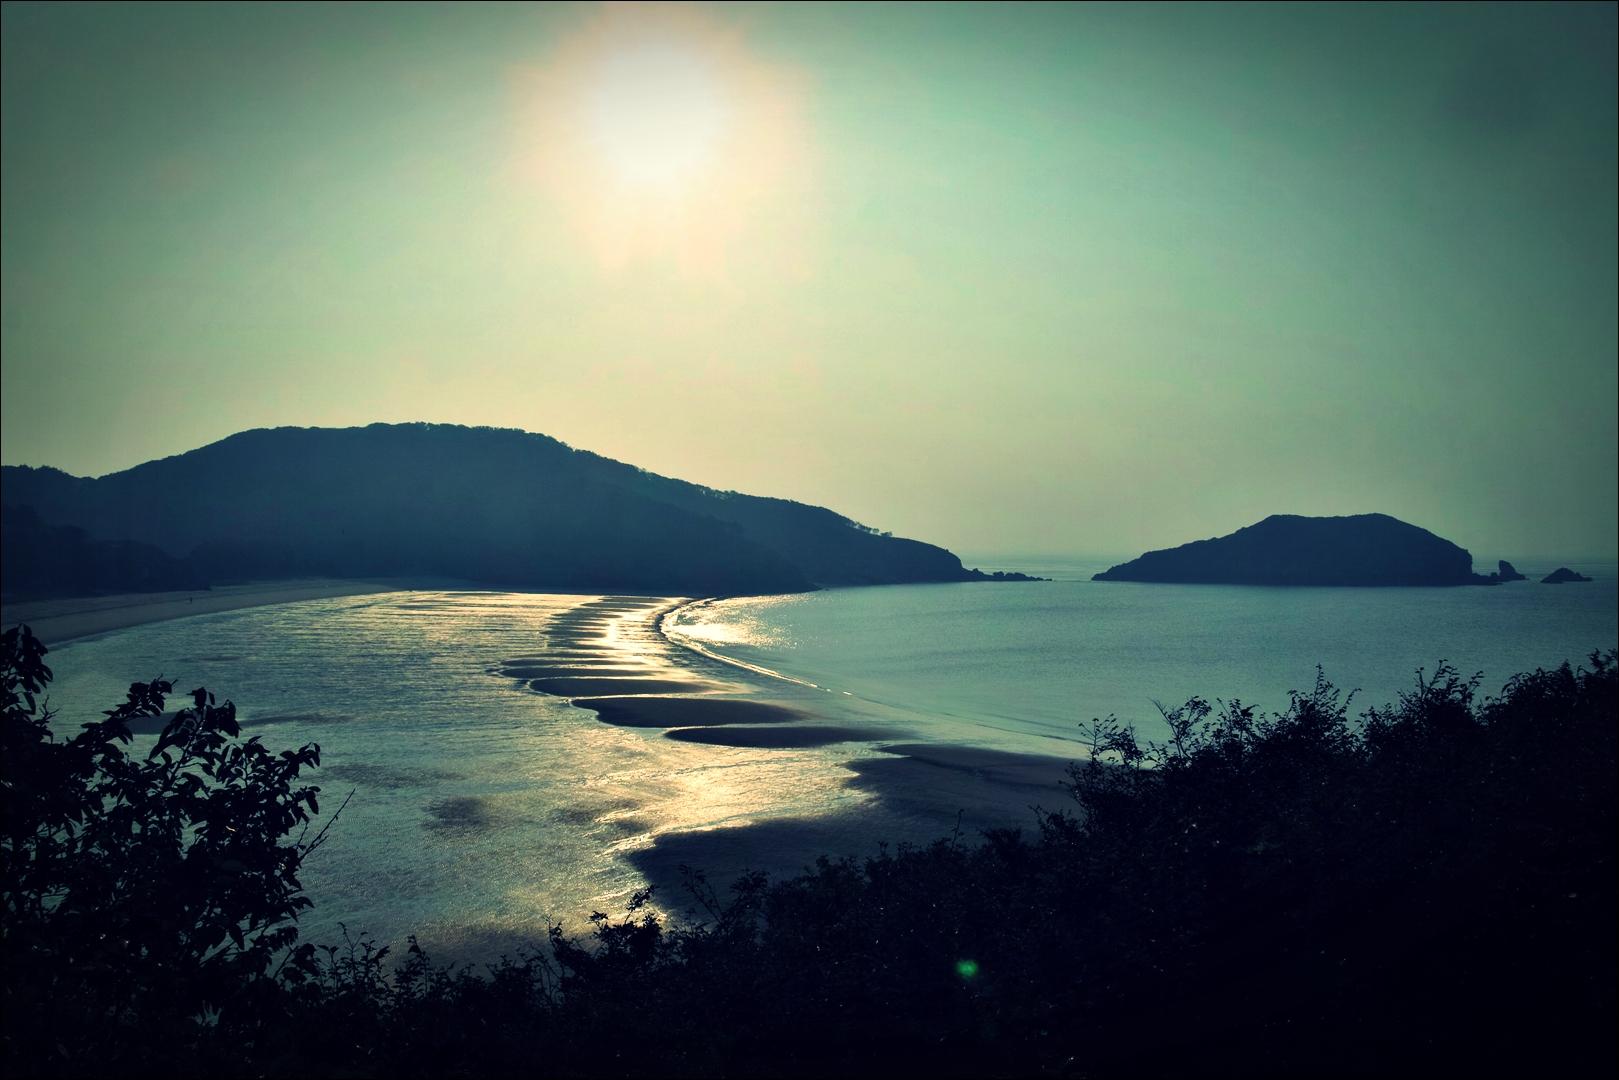 솔밭 해변의 아침-'굴업도 백패킹'